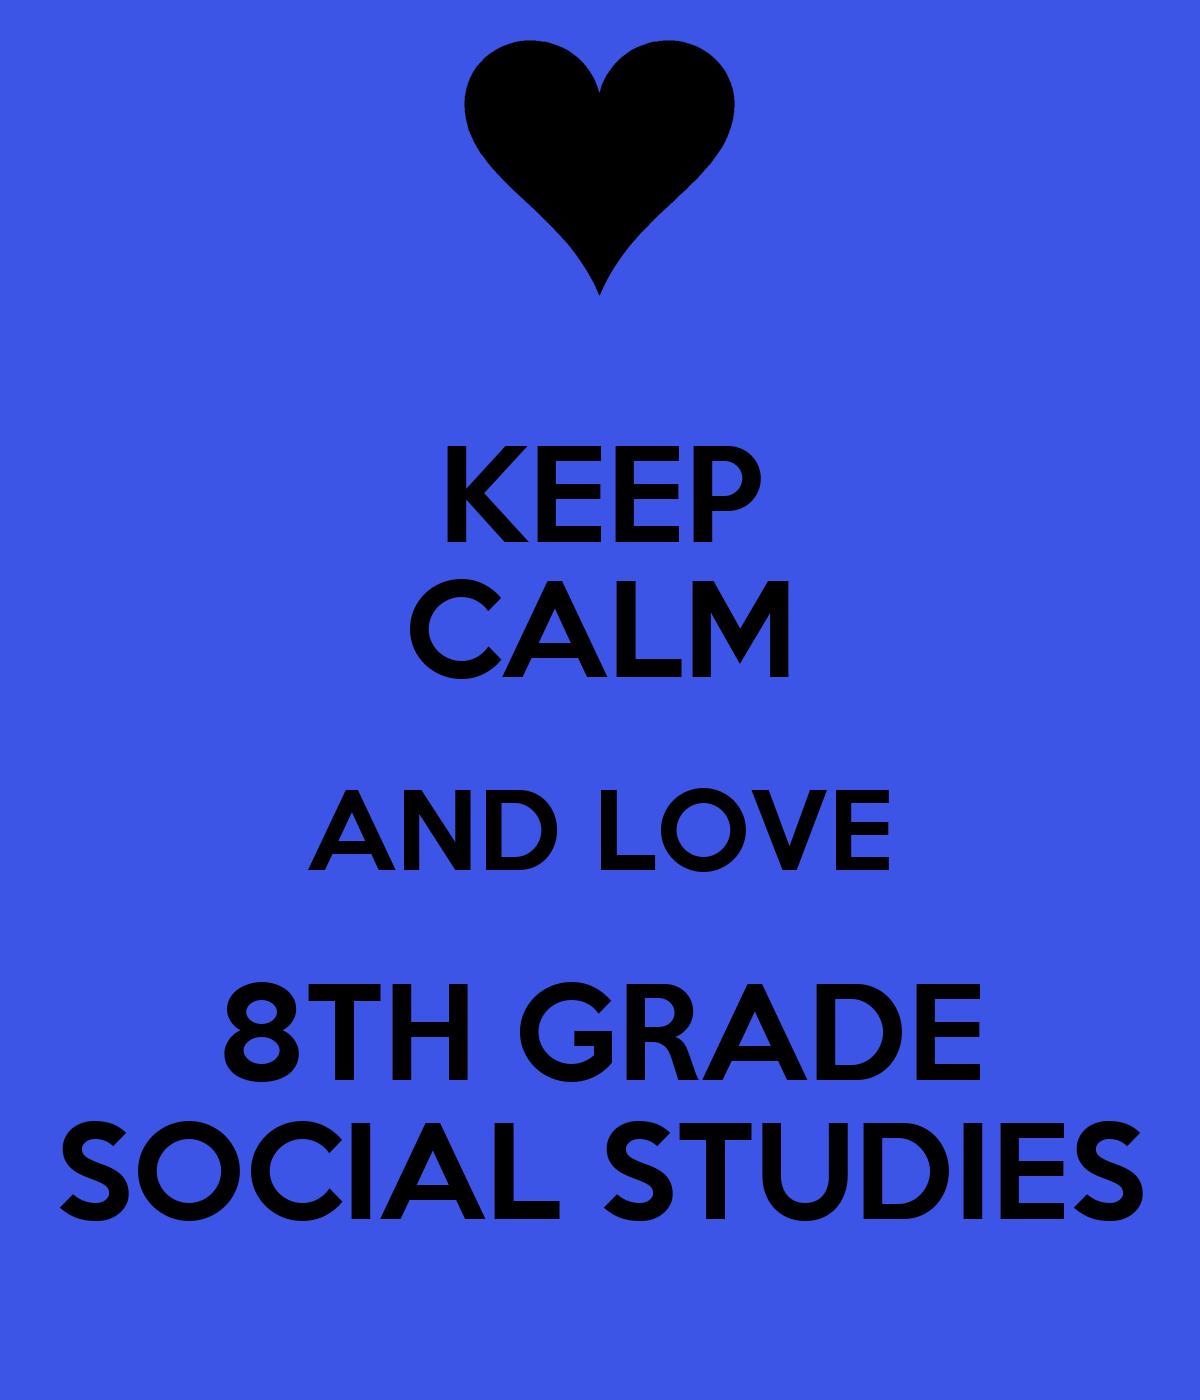 KEEP CALM AND LOVE 8TH GRADE SOCIAL STUDIES - KEEP CALM ...